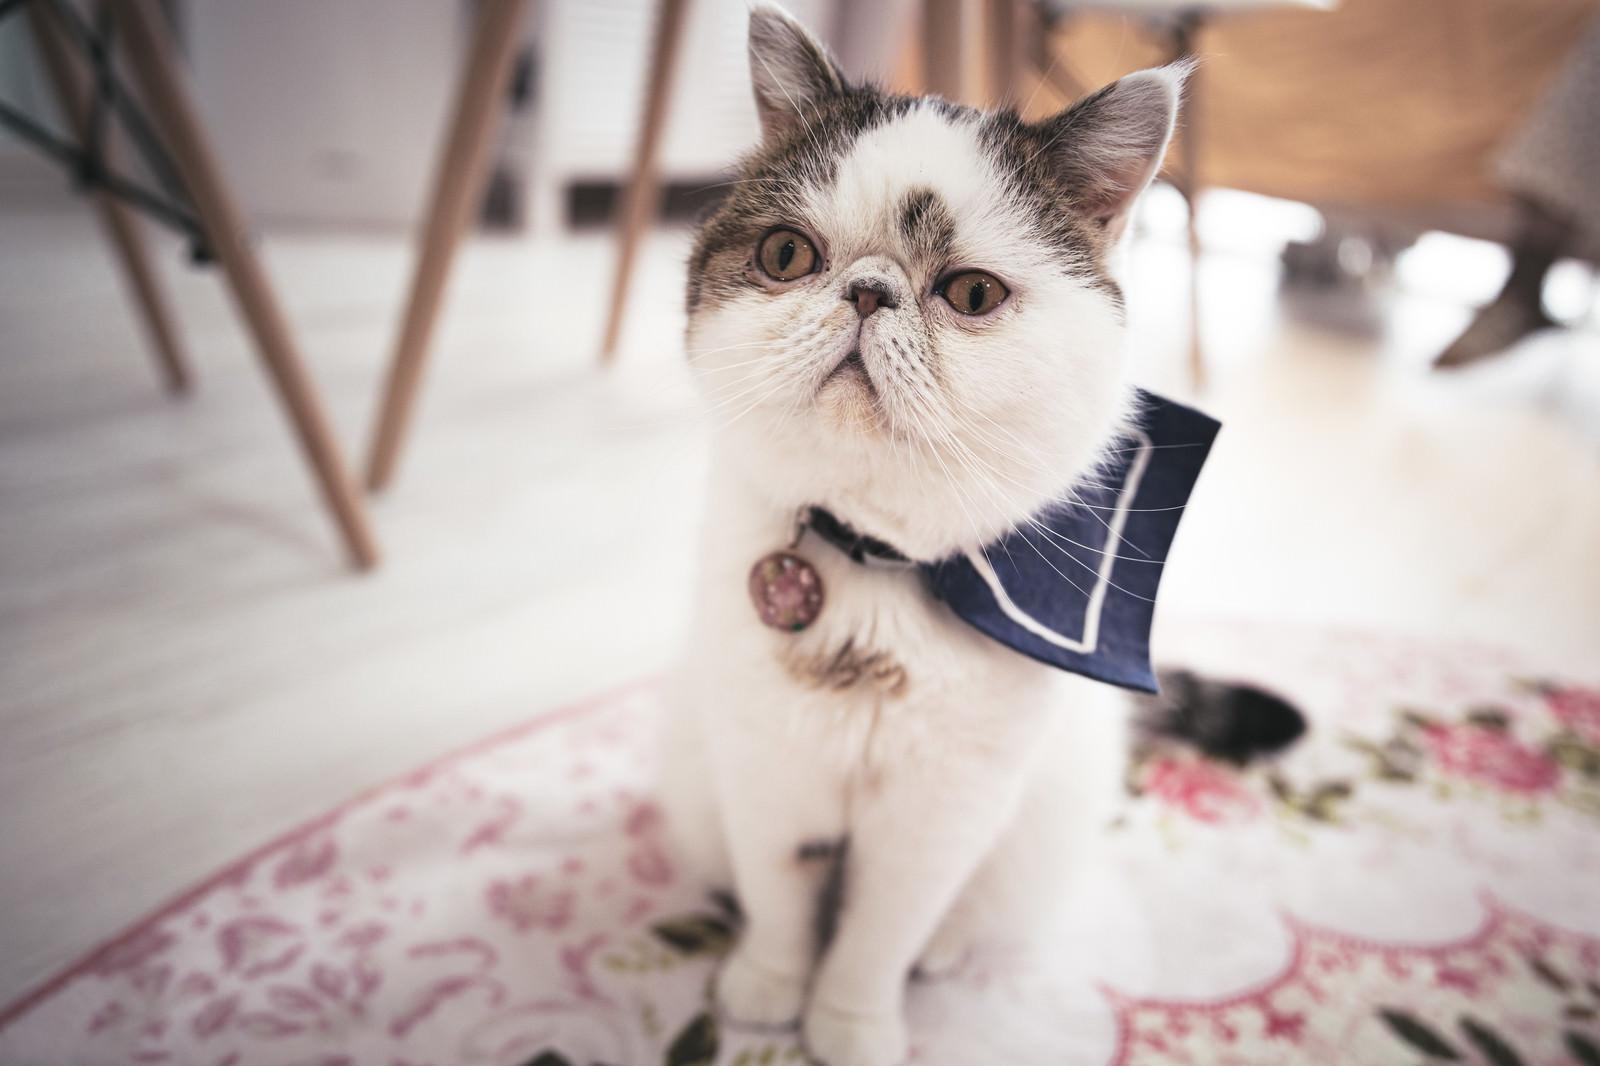 「信じるか信じないかはあなた次第ですと告げられた猫」の写真